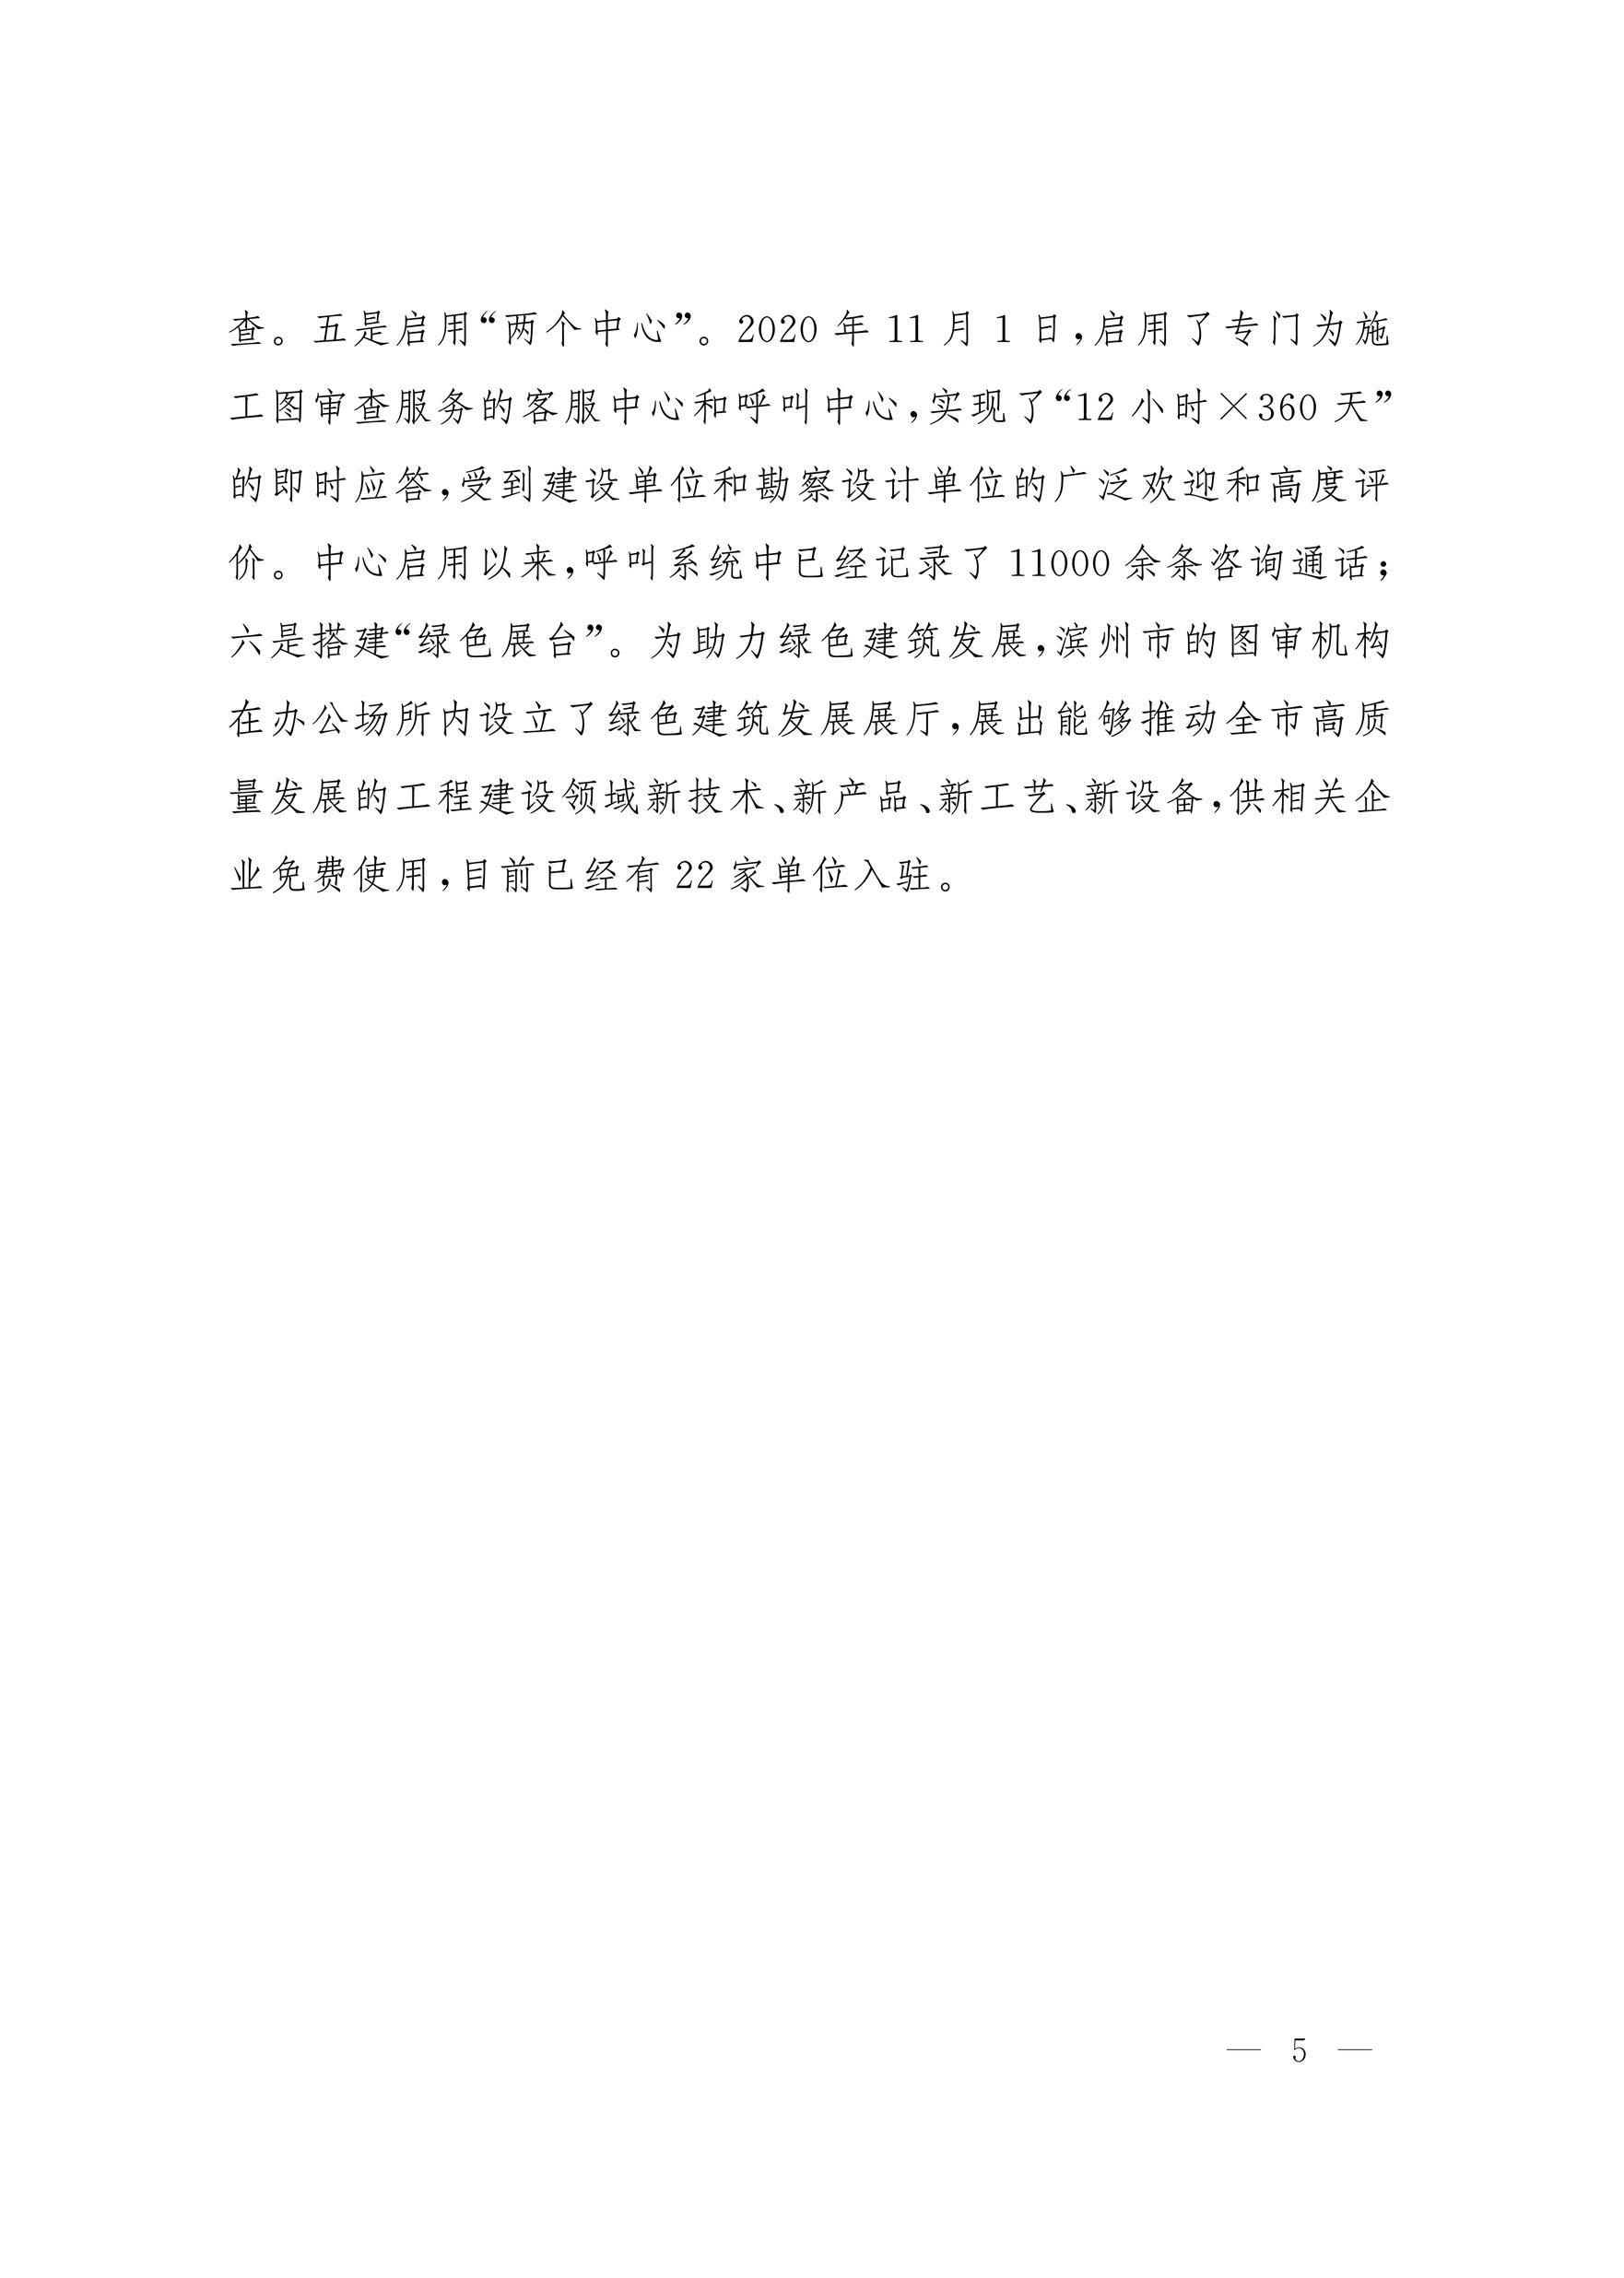 山东省住房和城乡建设厅关于印发滨州市施工图审查服务经验做法的通知_5.jpg